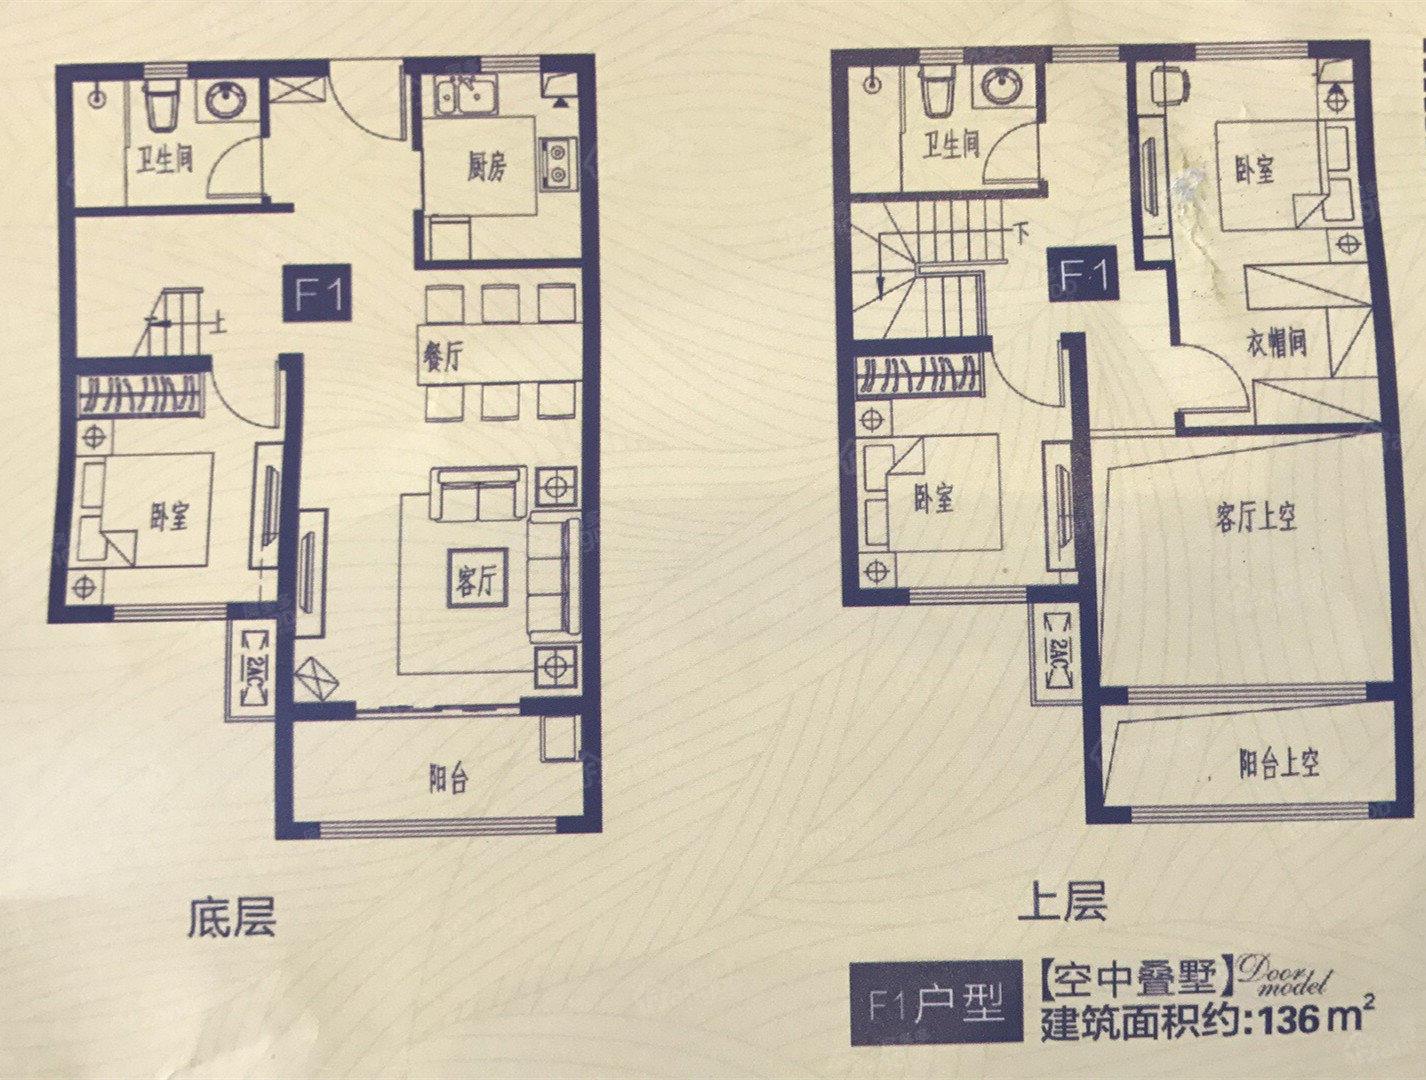 湾景国际3室2厅2卫户型图